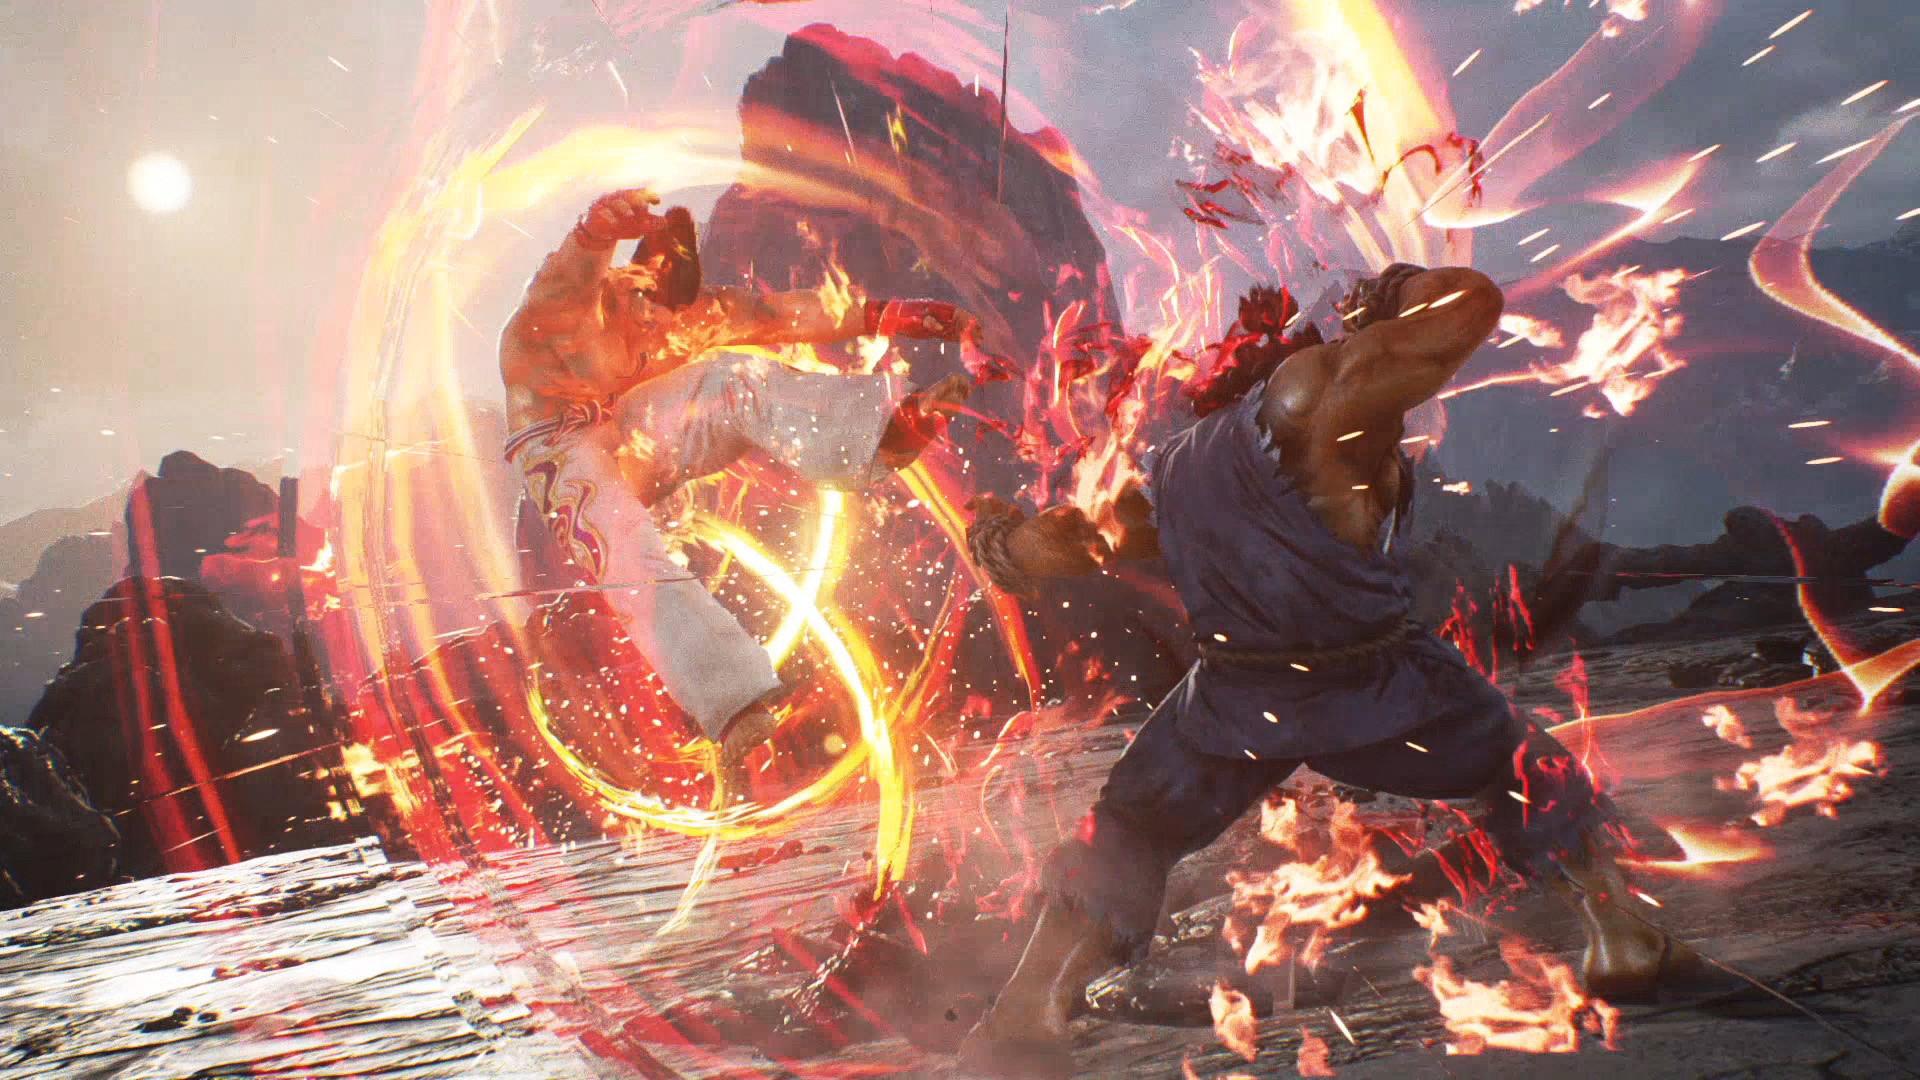 อดีตโปรดิวเซอร์ซีรีส์ Tekken ขึ้นแท่นโปรดิวเซอร์หลักของเกม Bandai Namco